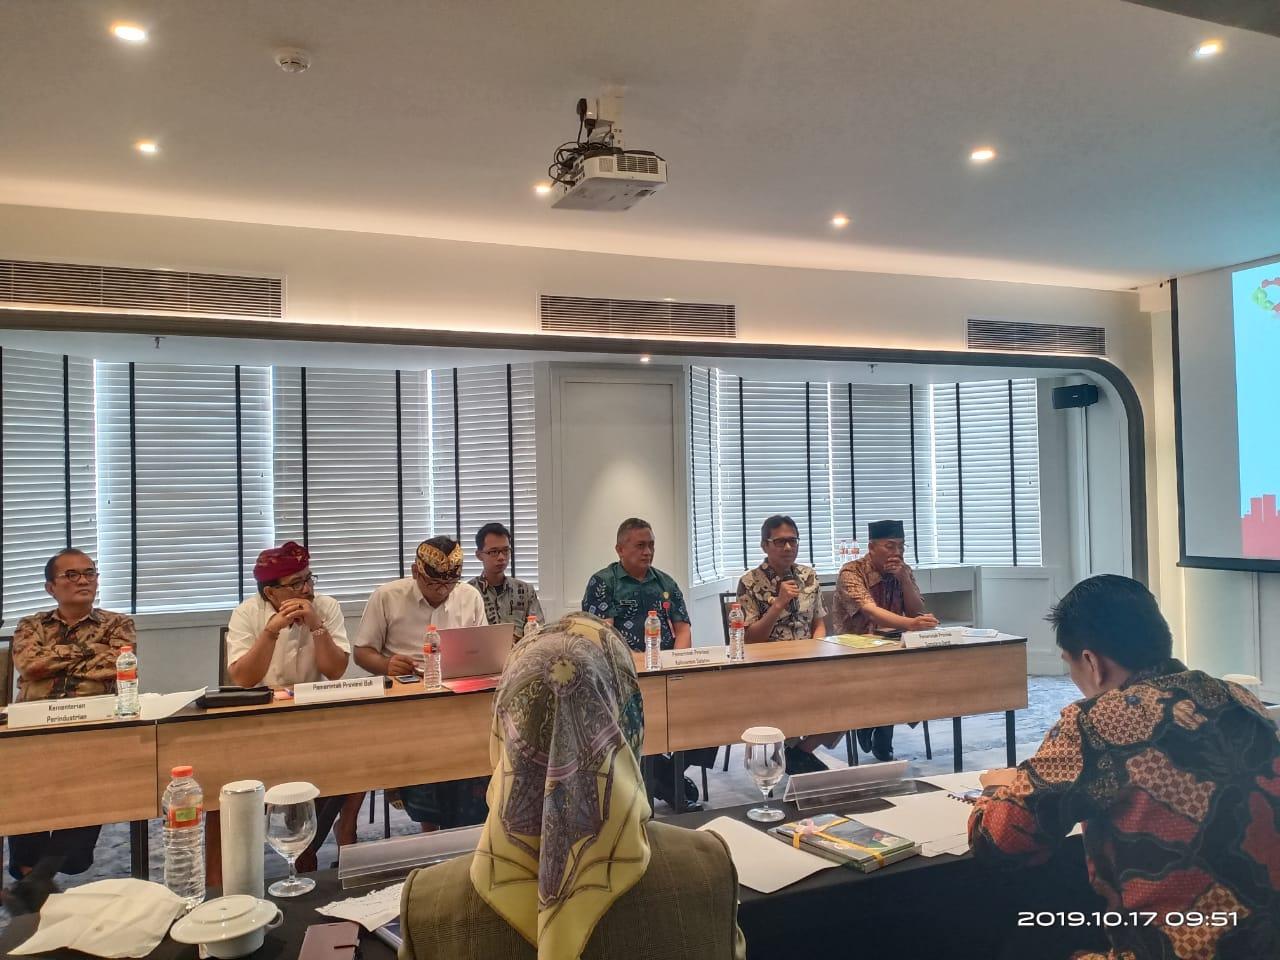 Gubernur Sumbar Ditanyai Siti Zuhro soal Keterbukaan Informasi Publik